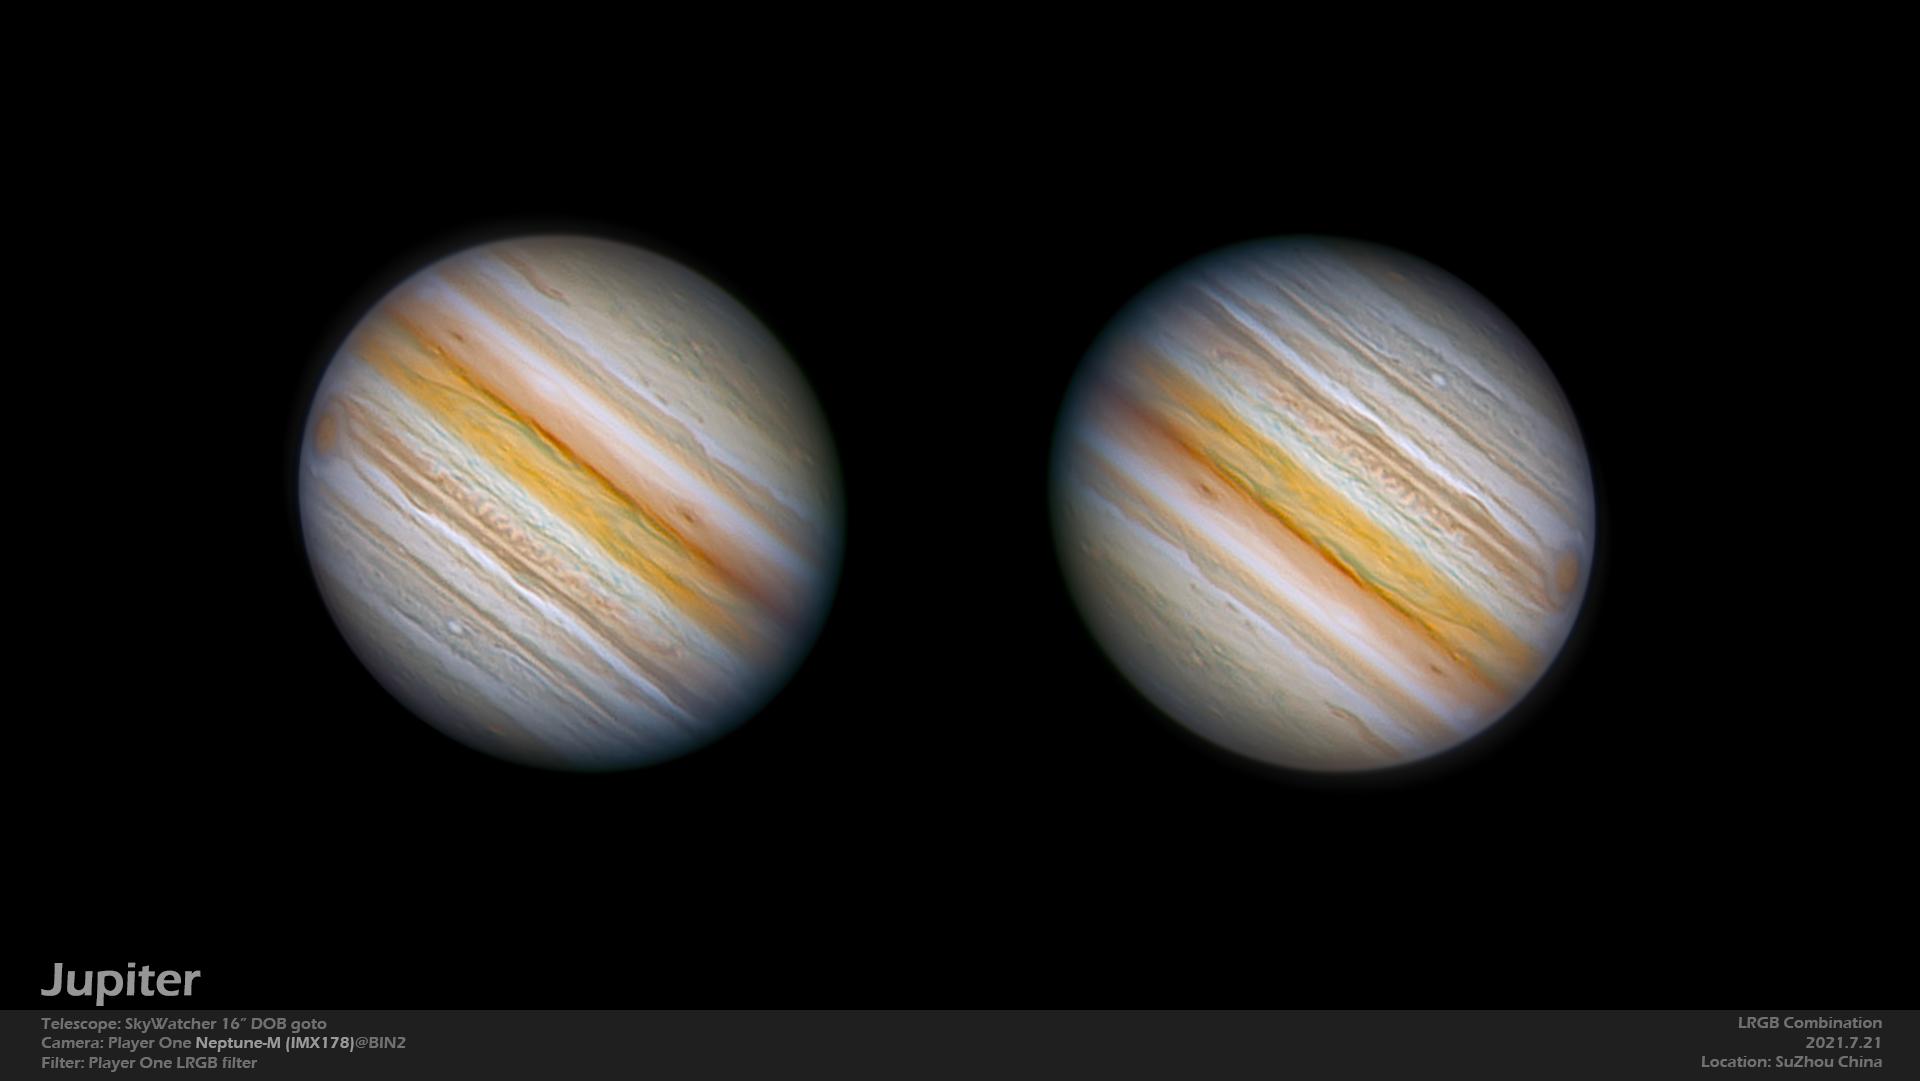 Jupiter20210721-Neptune-M-1Ss.jpg